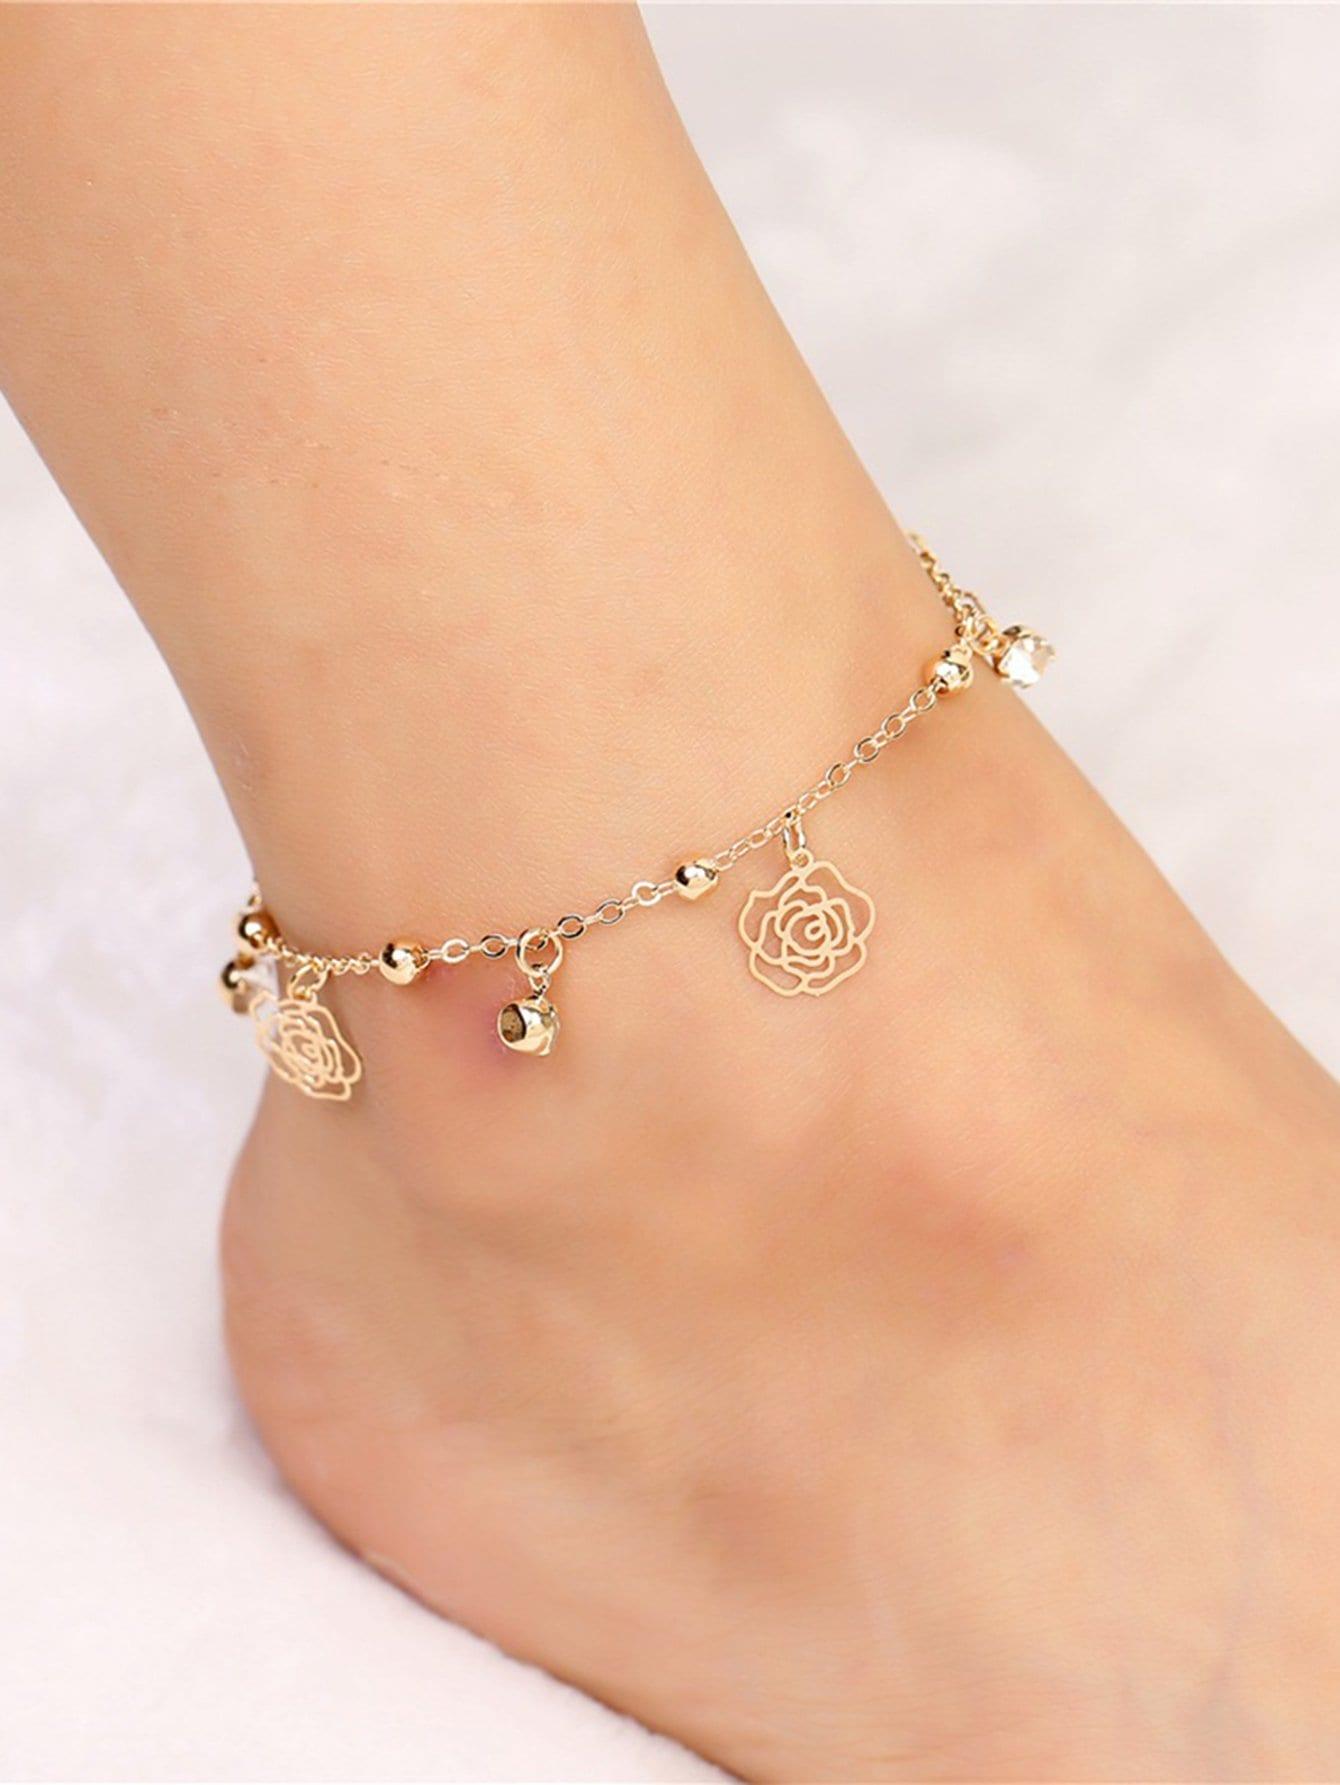 Rose Charm Design Chain Anklet